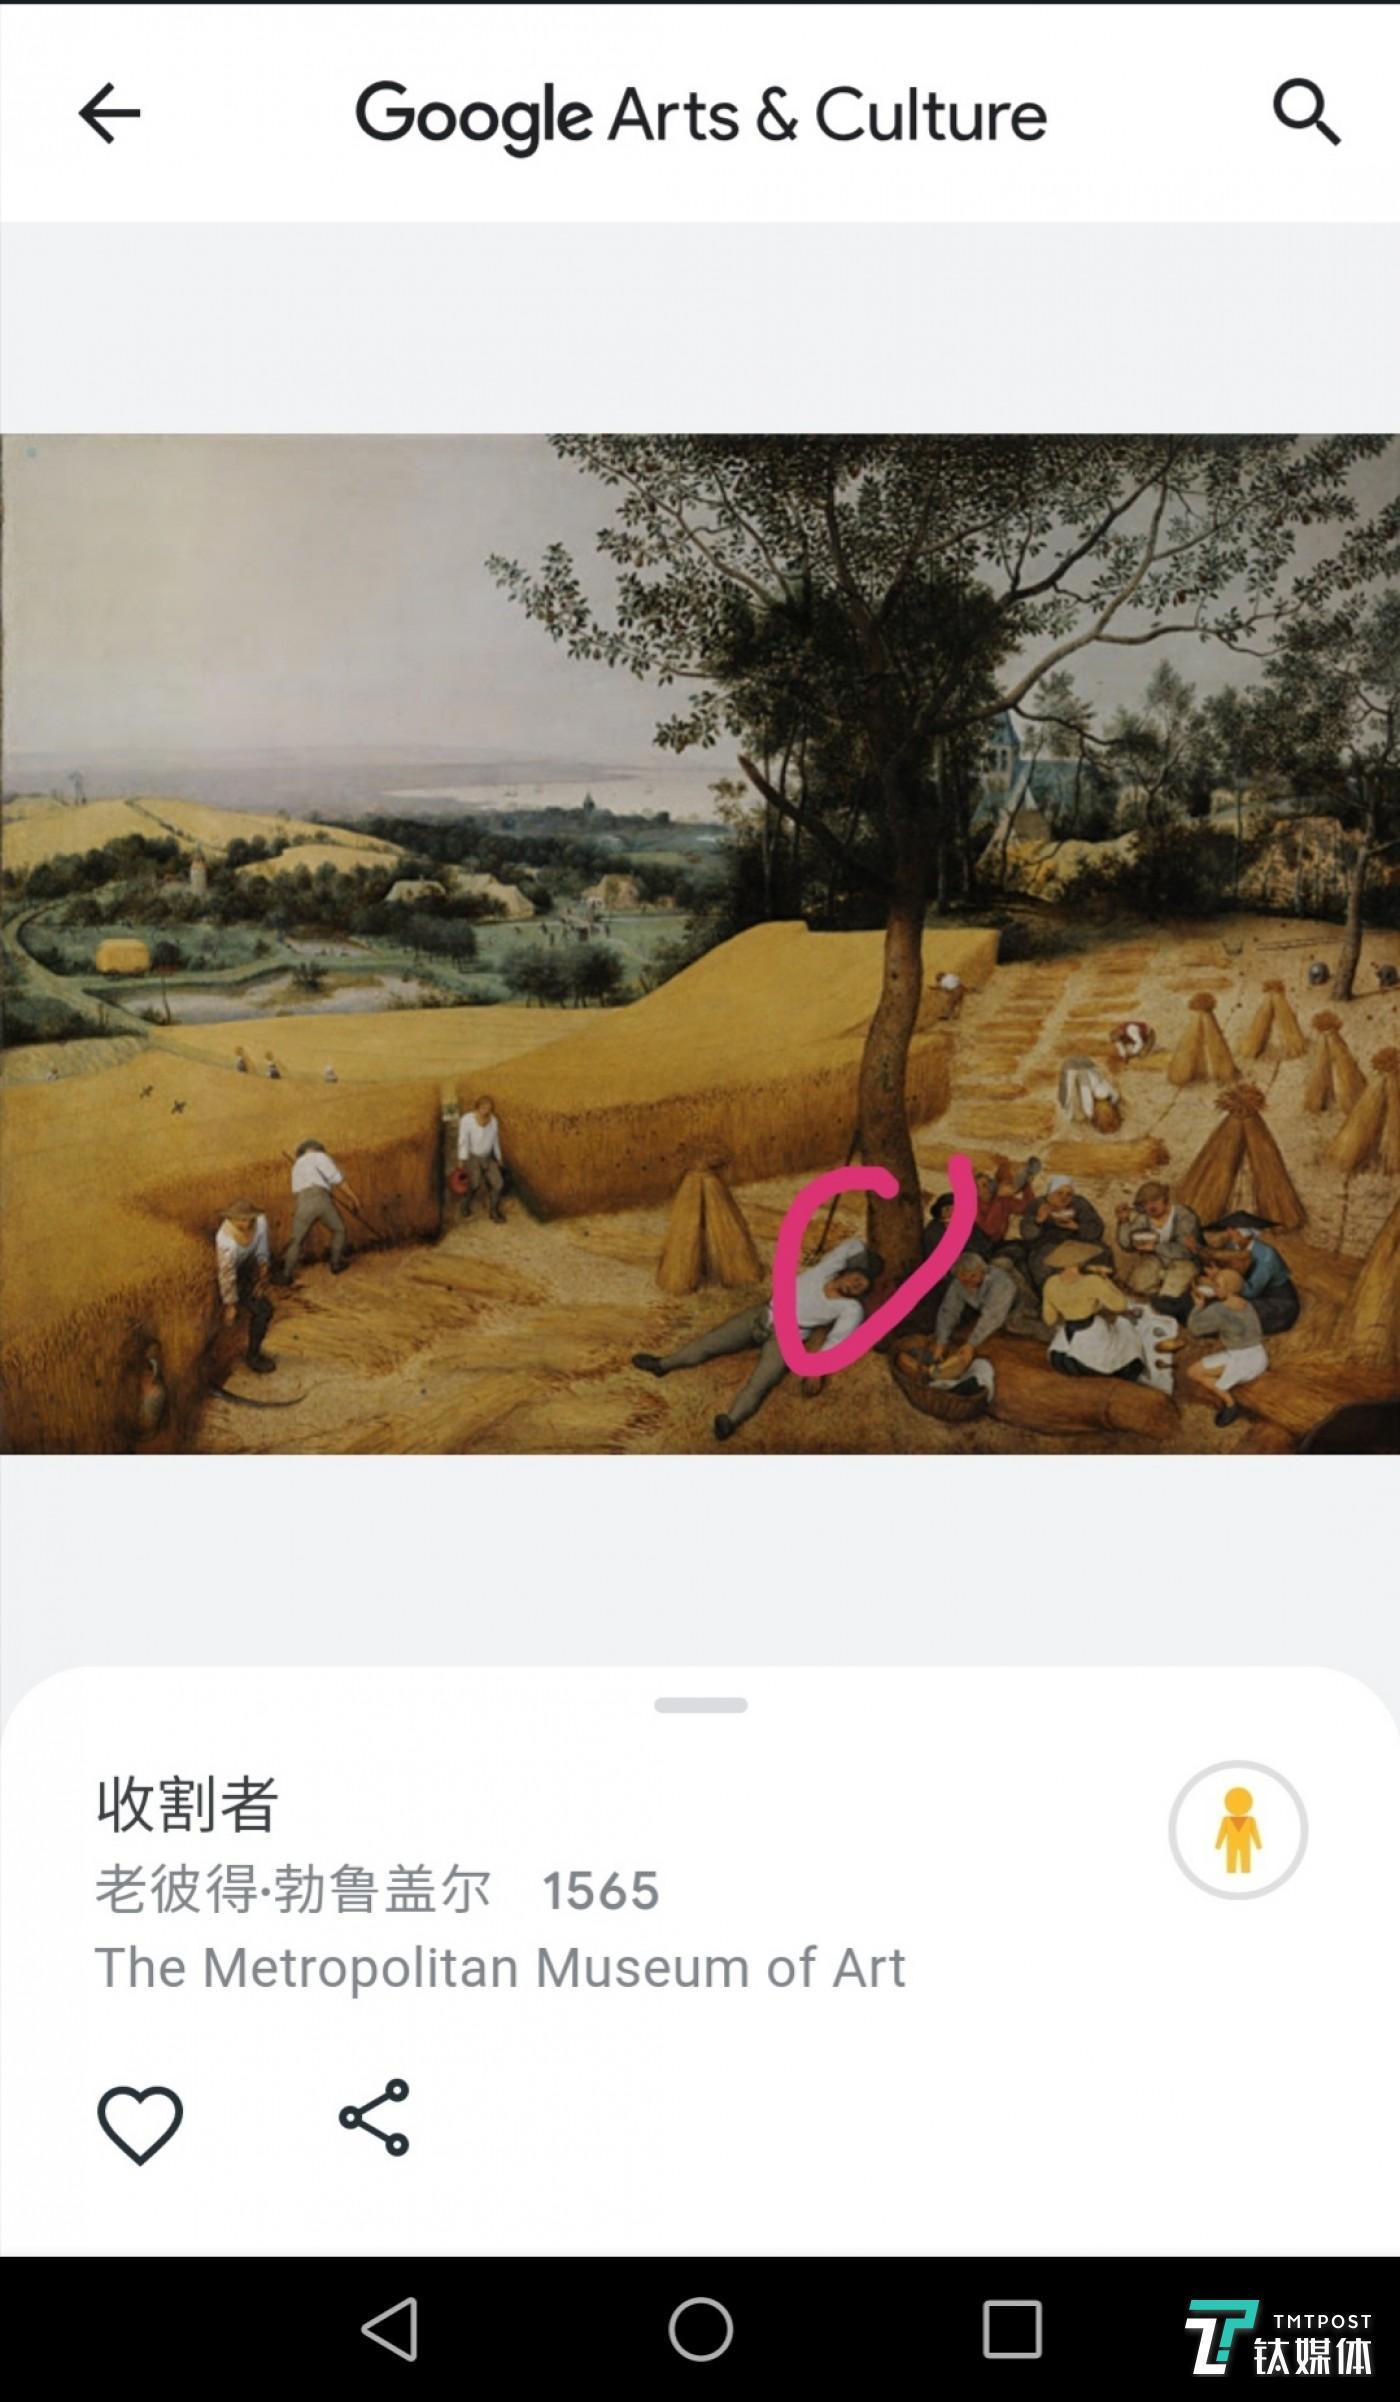 把全球1000+博物馆搬到线上,神奇的谷歌 A&C 到底做了什么?